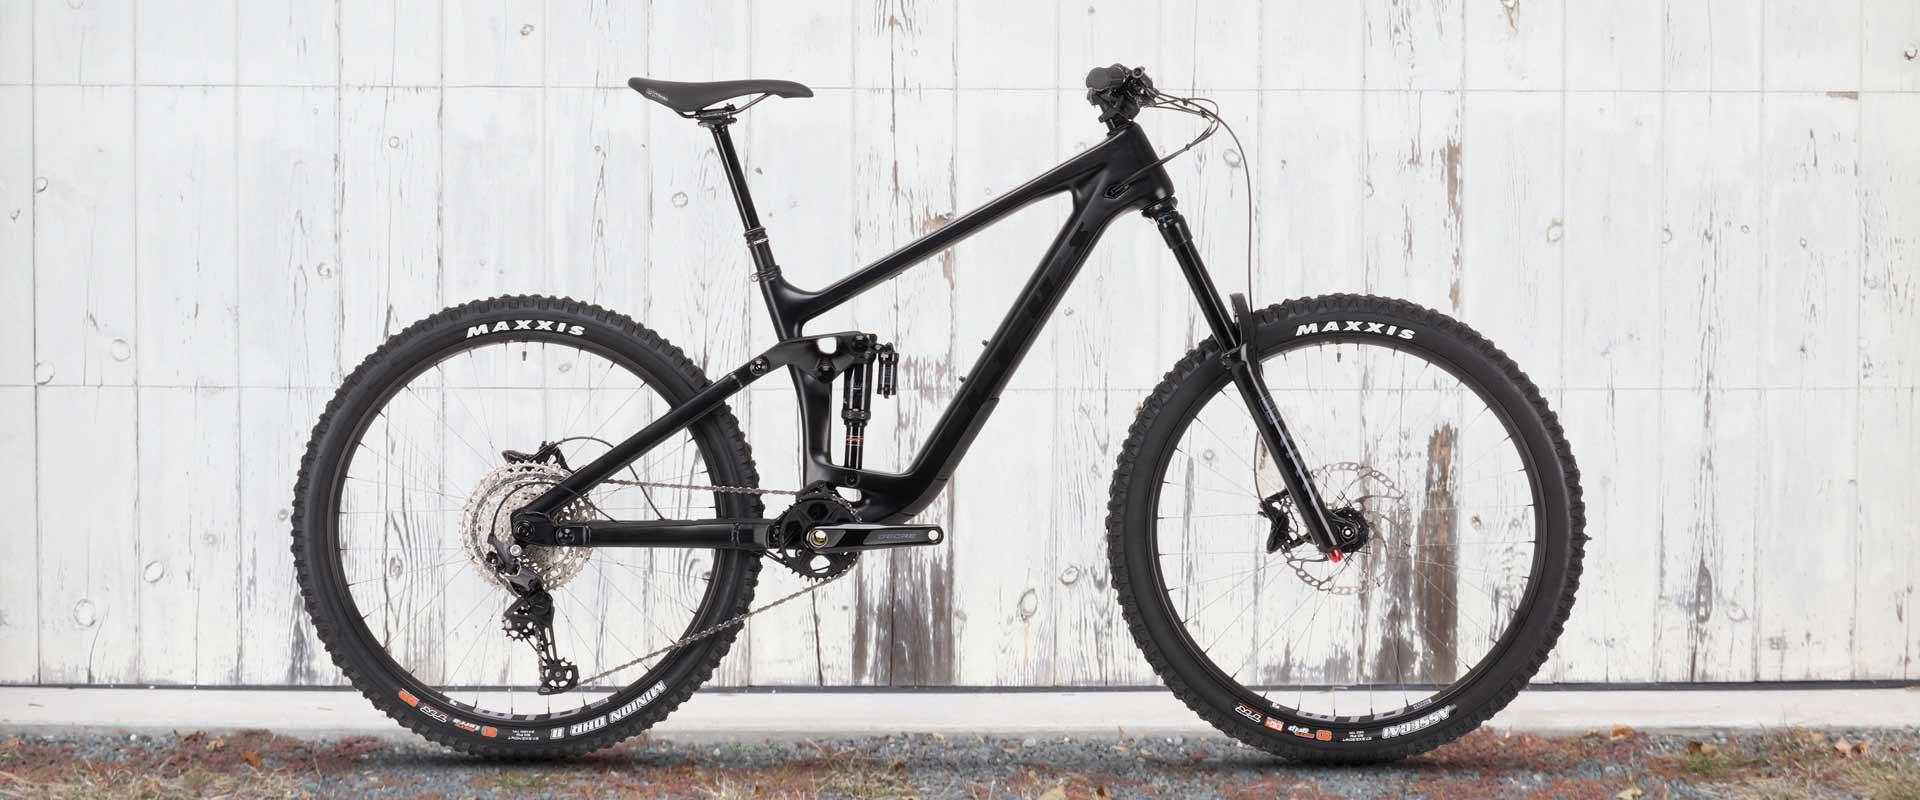 Vitus Sommet 27 CR Mountain Bike